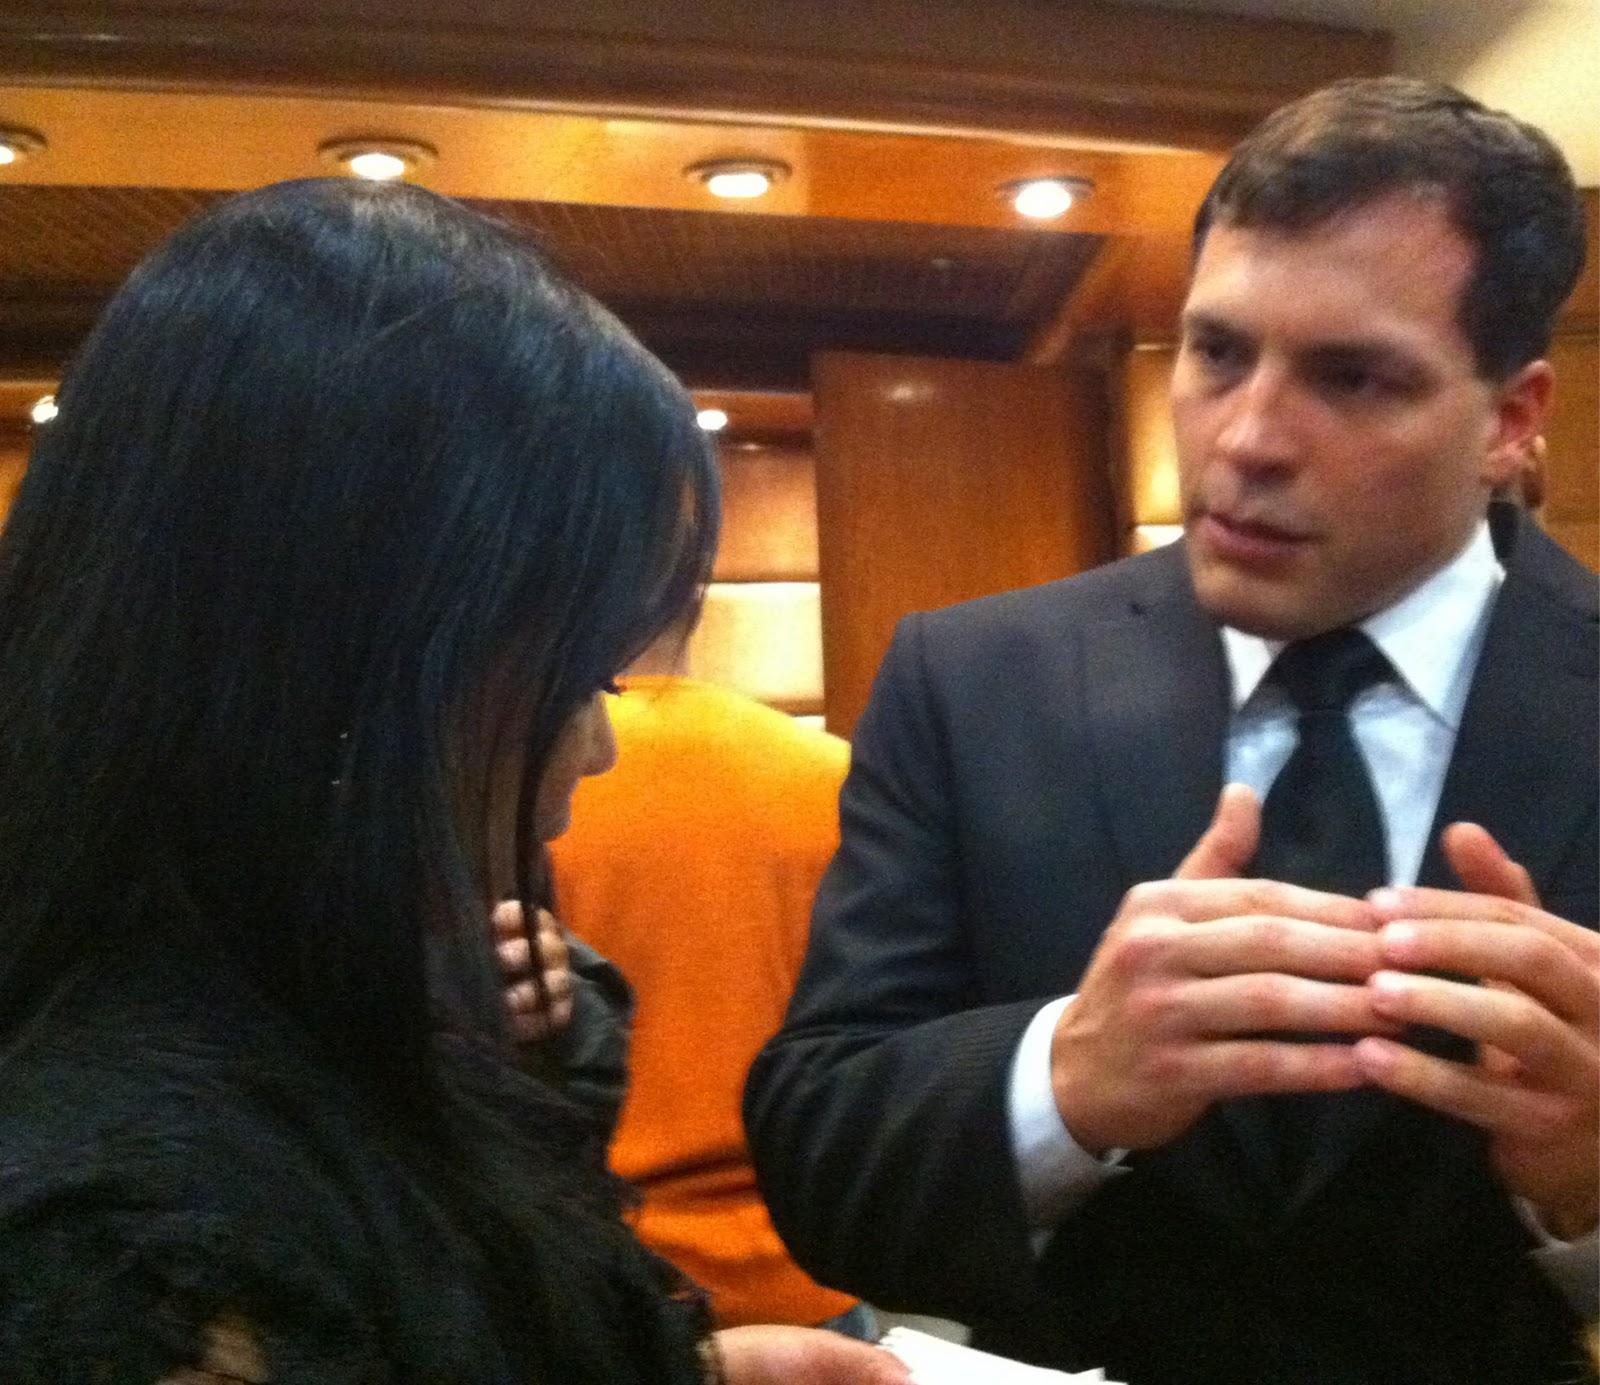 Clacriclando com Daniel Boaventura